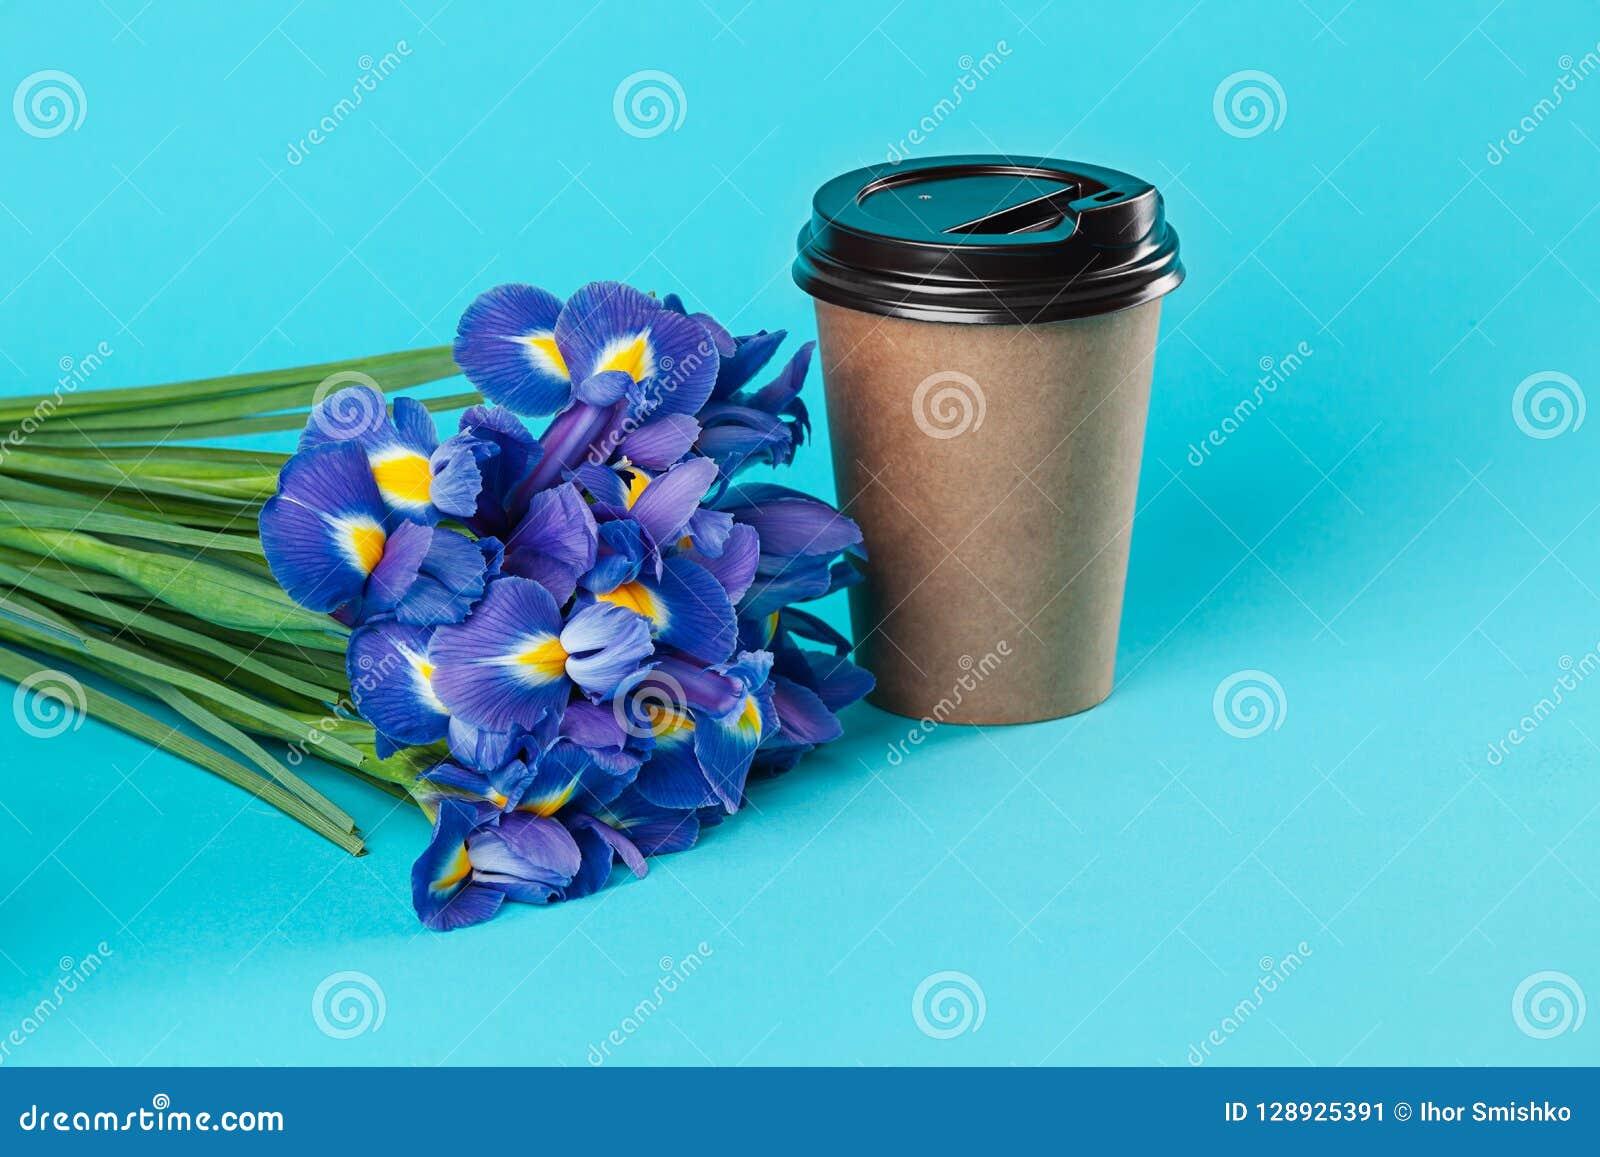 Modello di carta asportabile della tazza di caffè isolato su fondo blu